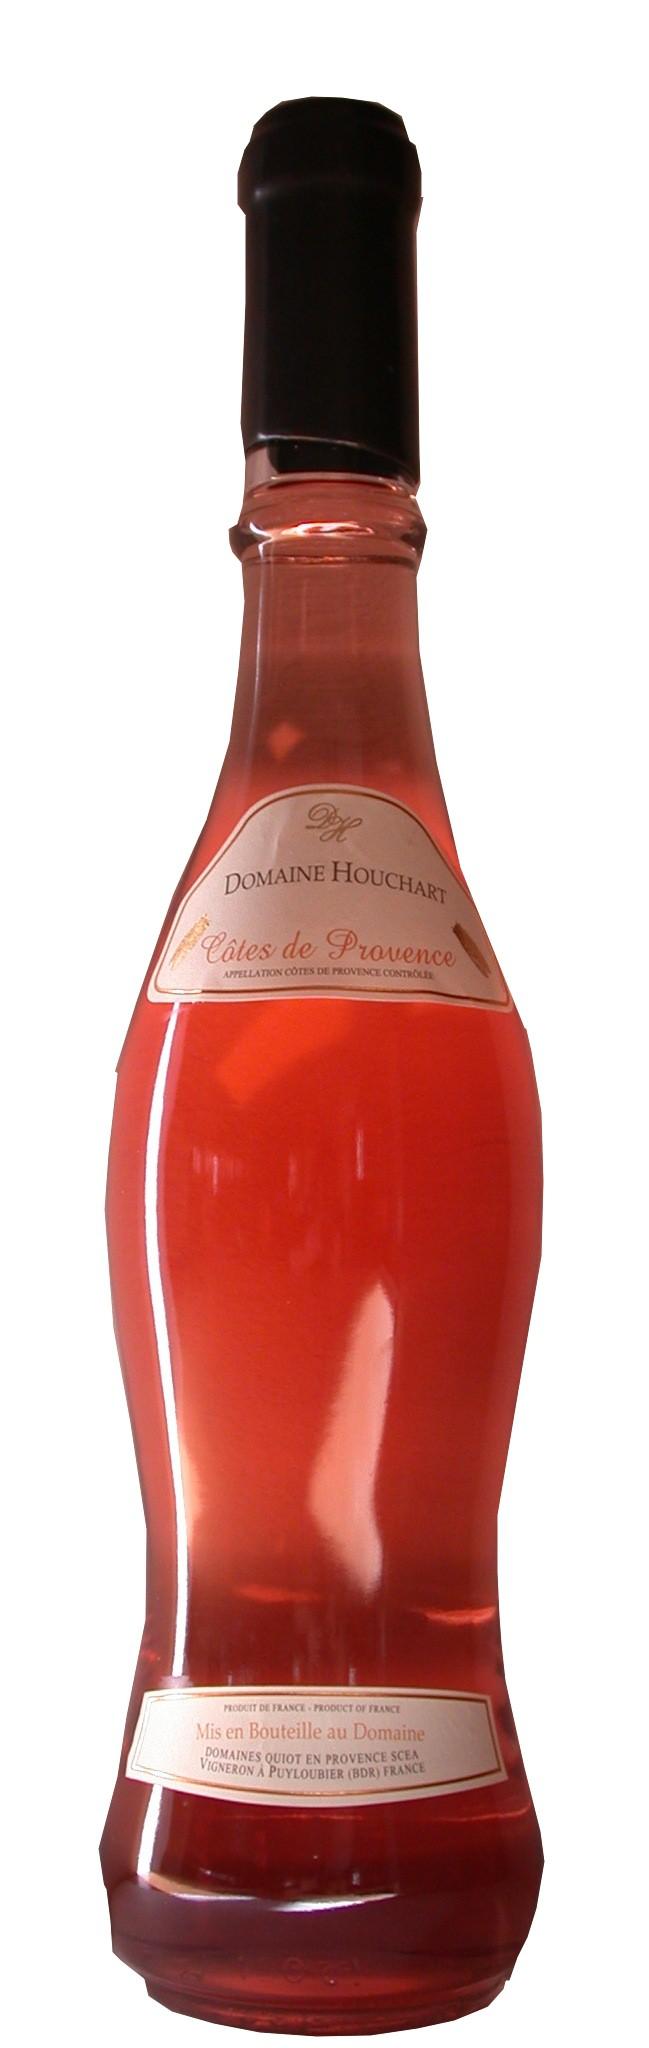 Côtes de Provence rosé 2014 1,5L - Domaine Houchart